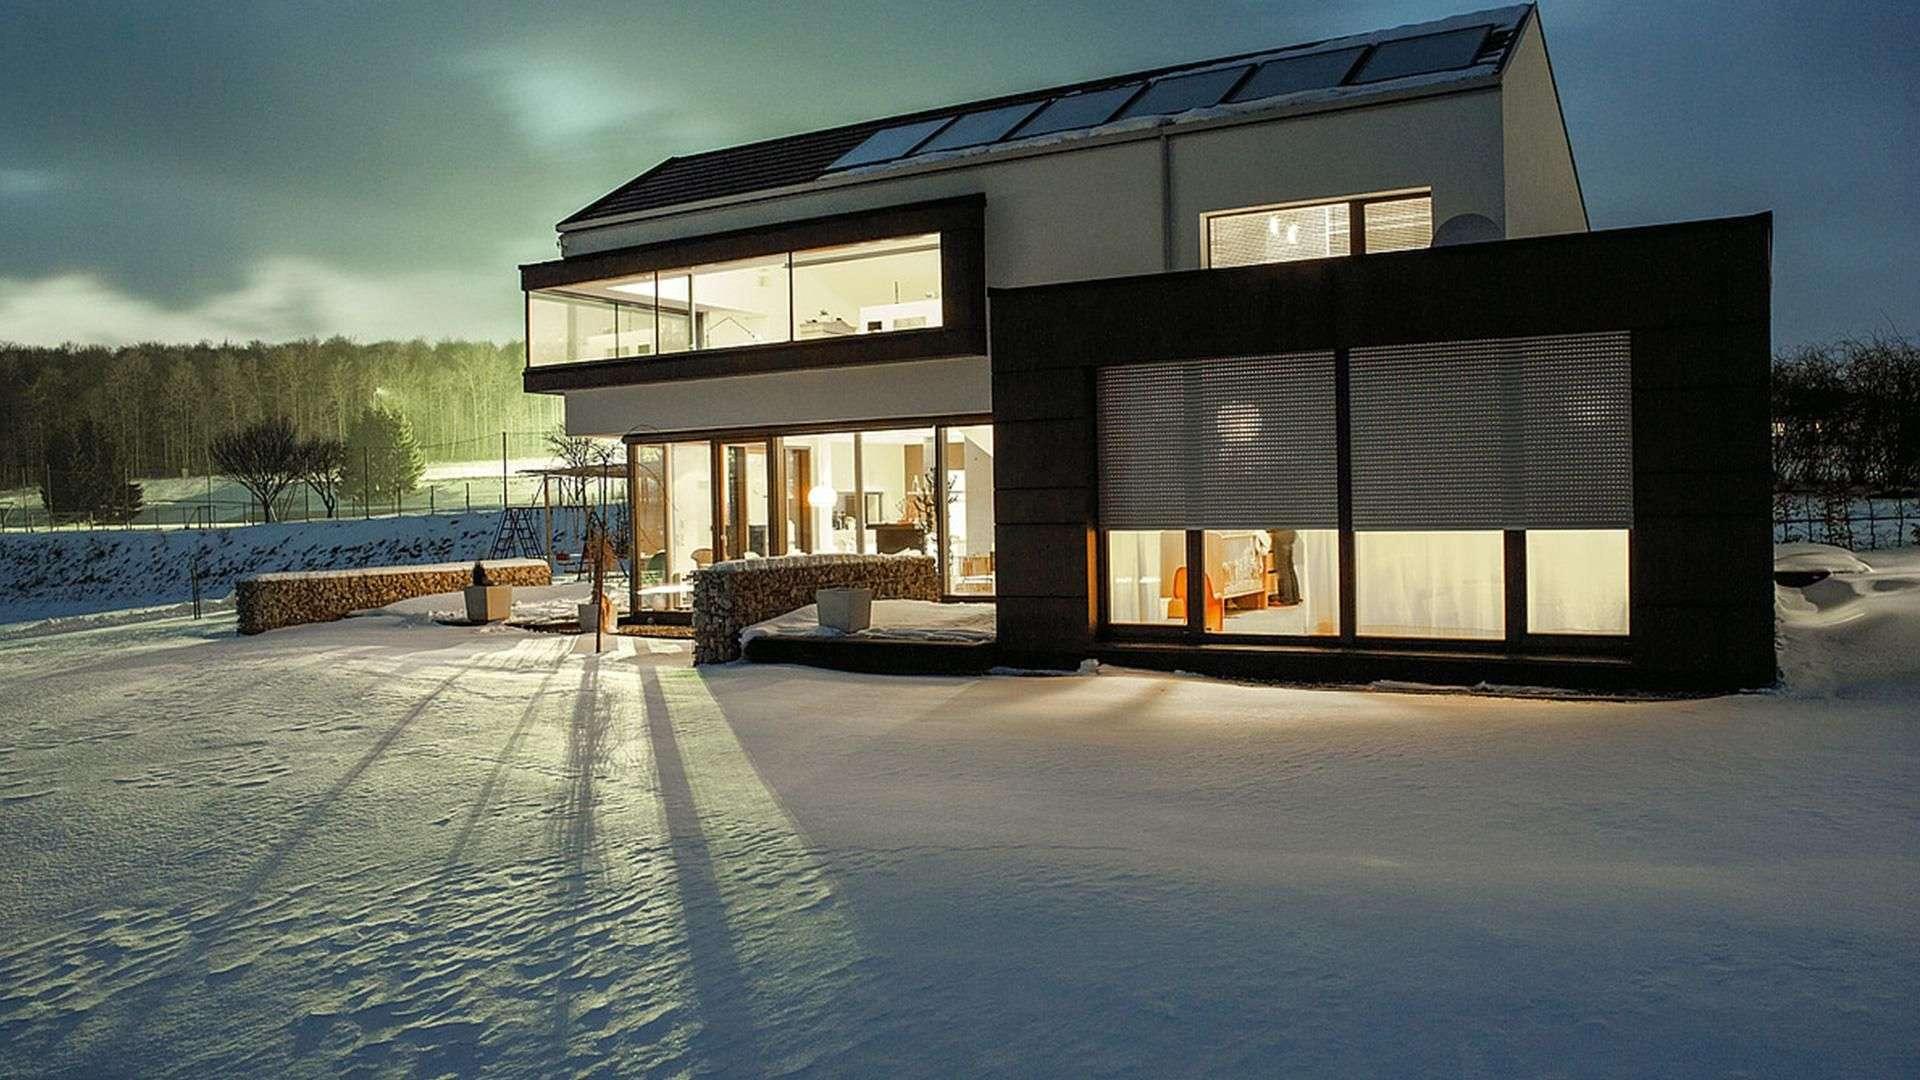 großes Wohnhaus mit vielen Fenster mit Rollläden. Drinnen ist das Haus beleuchtet, außen ist Dämmerung.